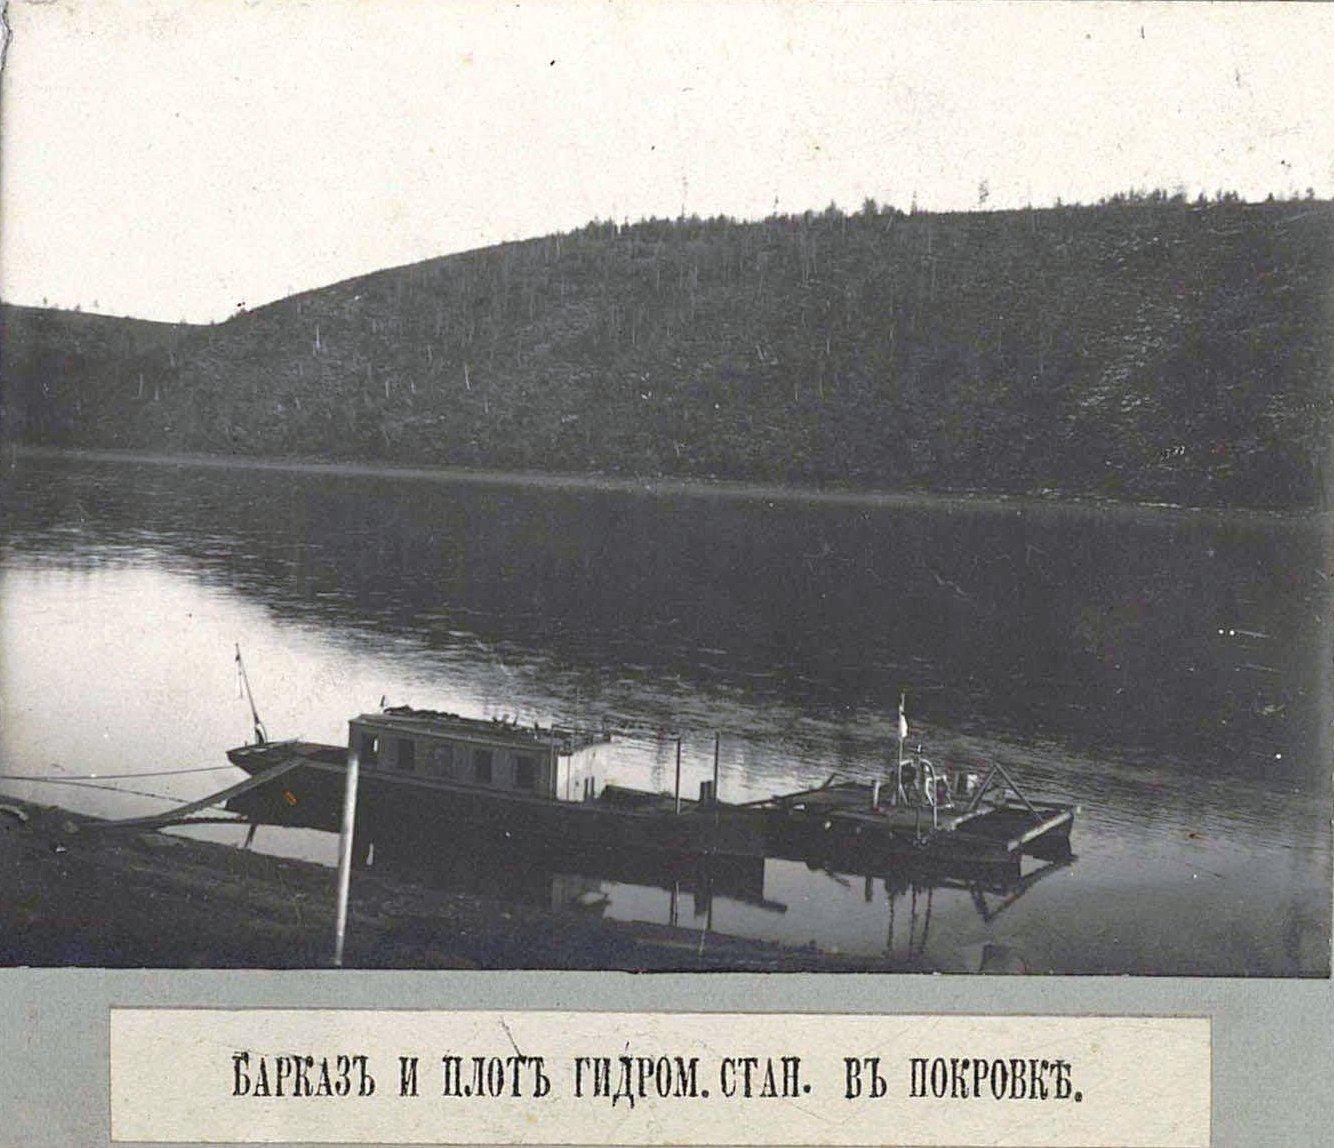 Баркас и плот гидрометрической станции в Покровке